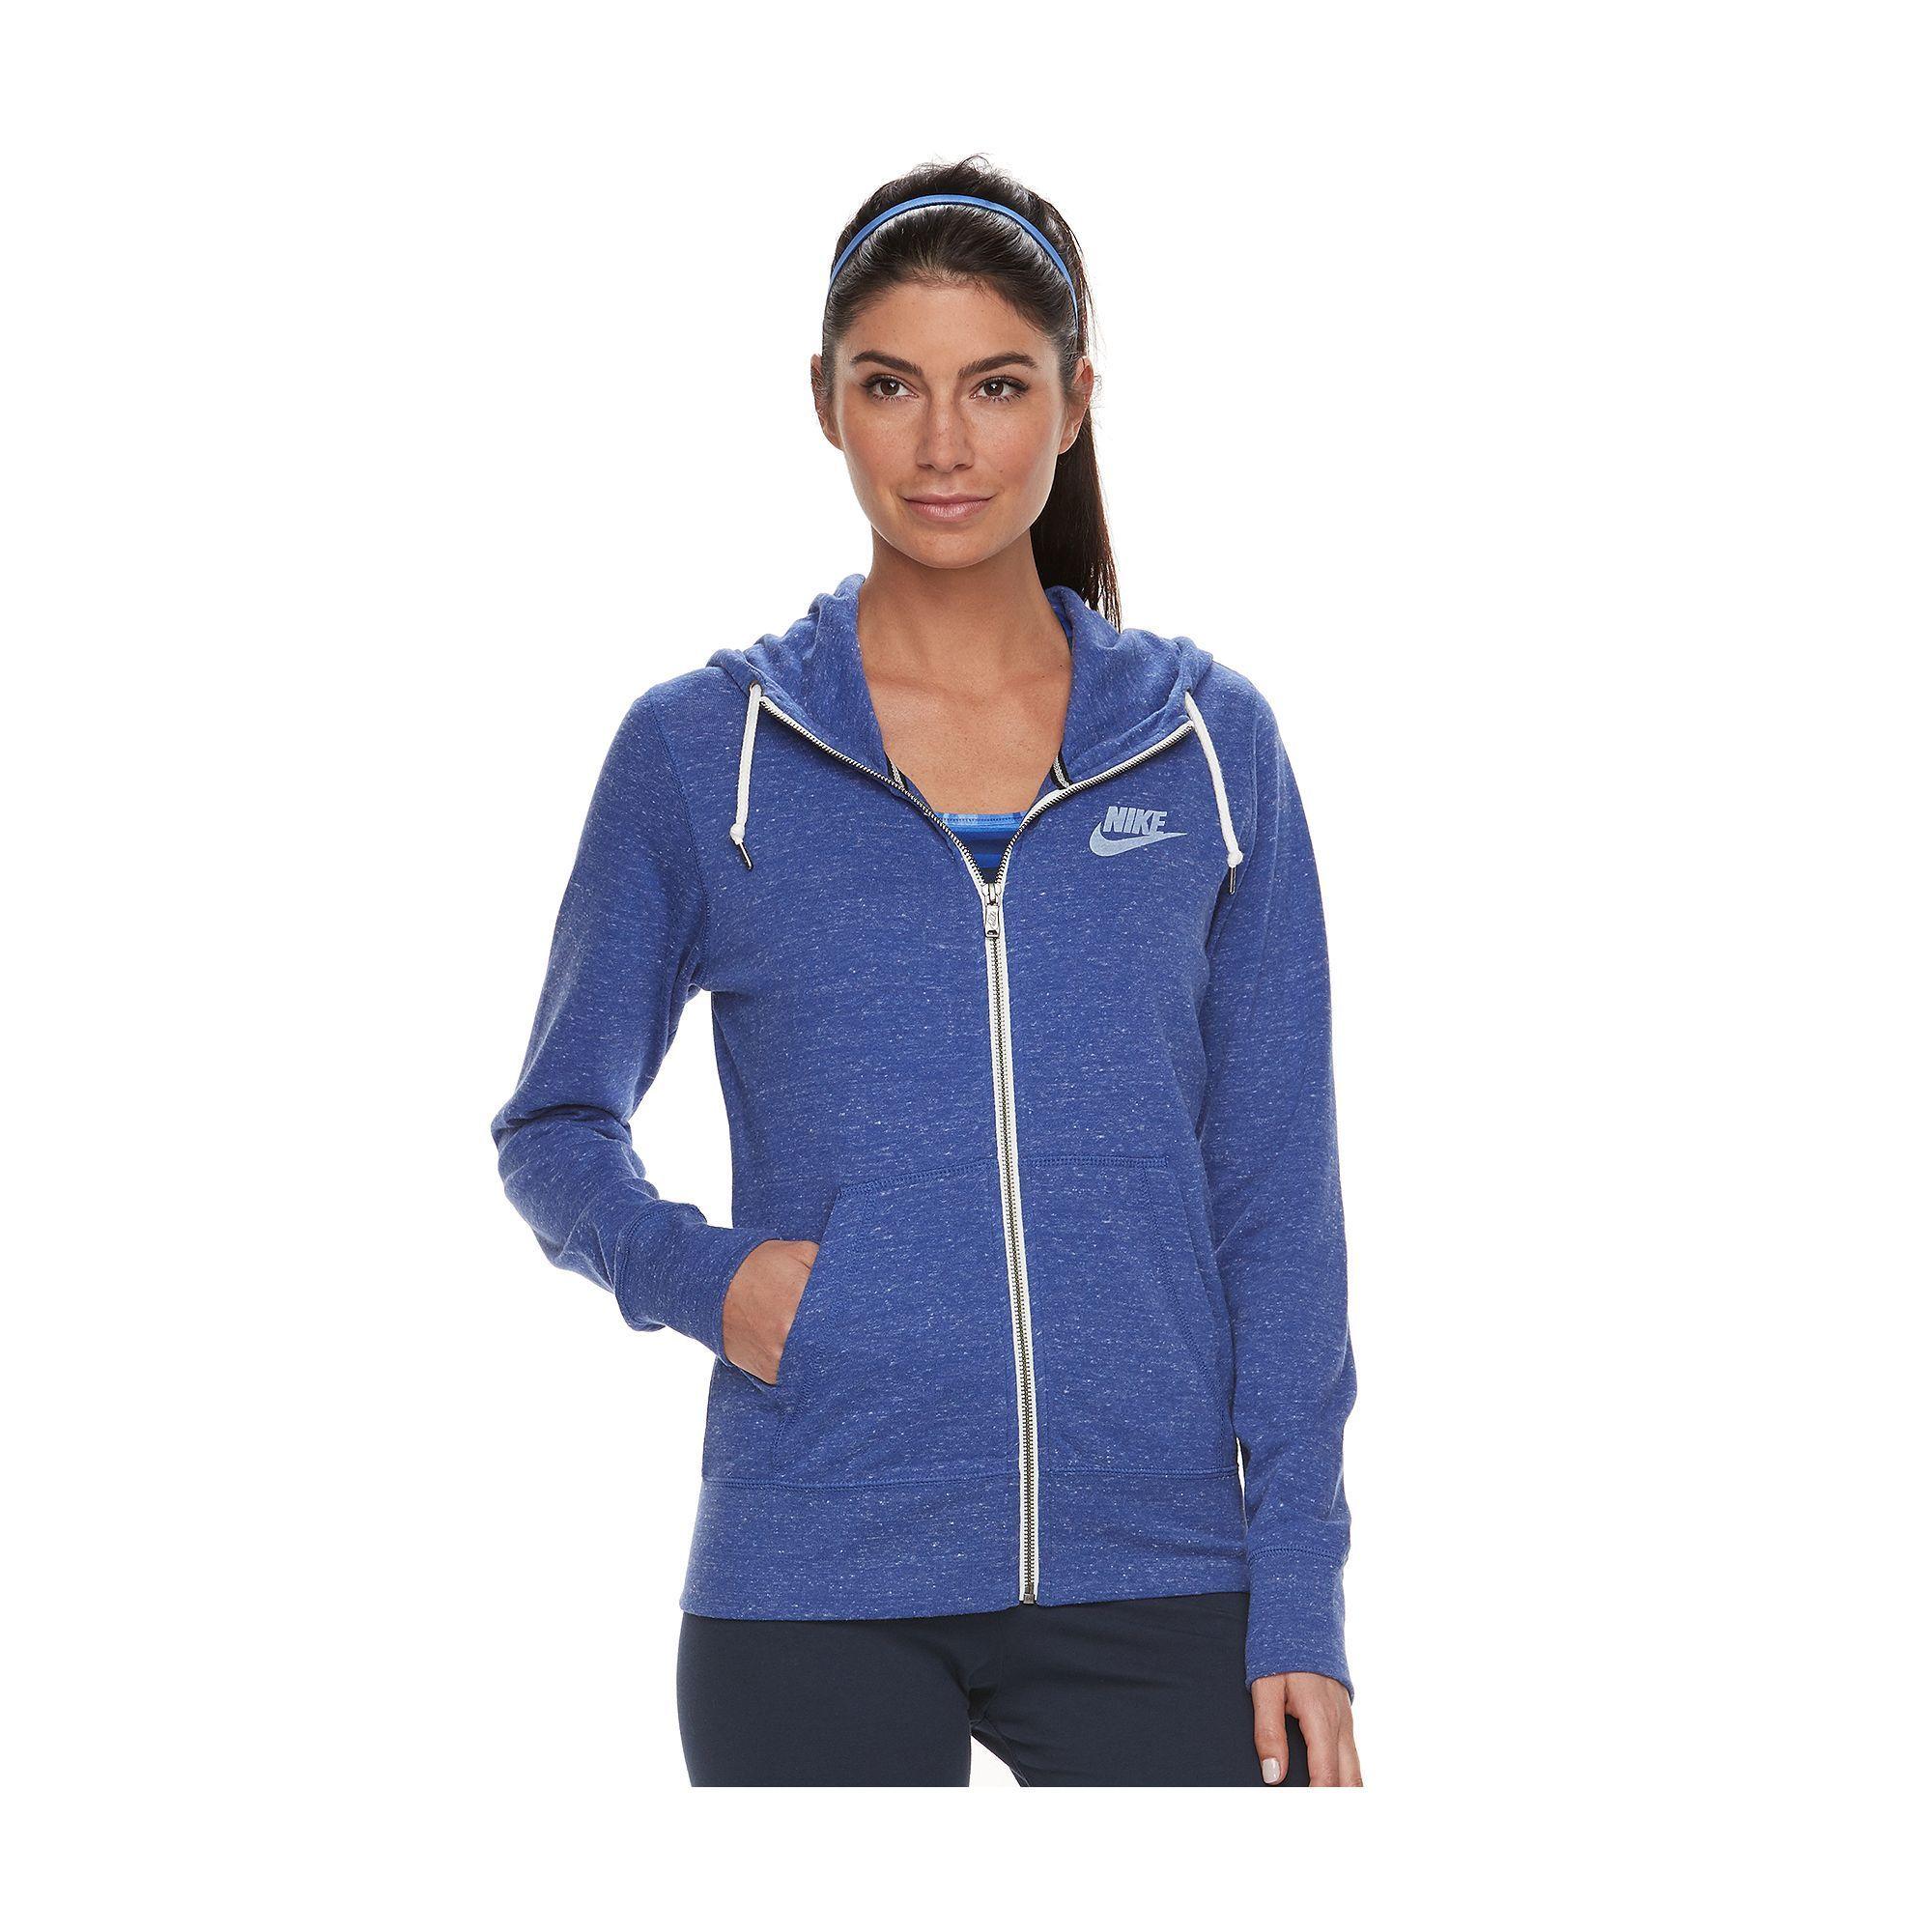 b1272ba65497 Women s Nike Gym Vintage Zip Up Hoodie in 2019